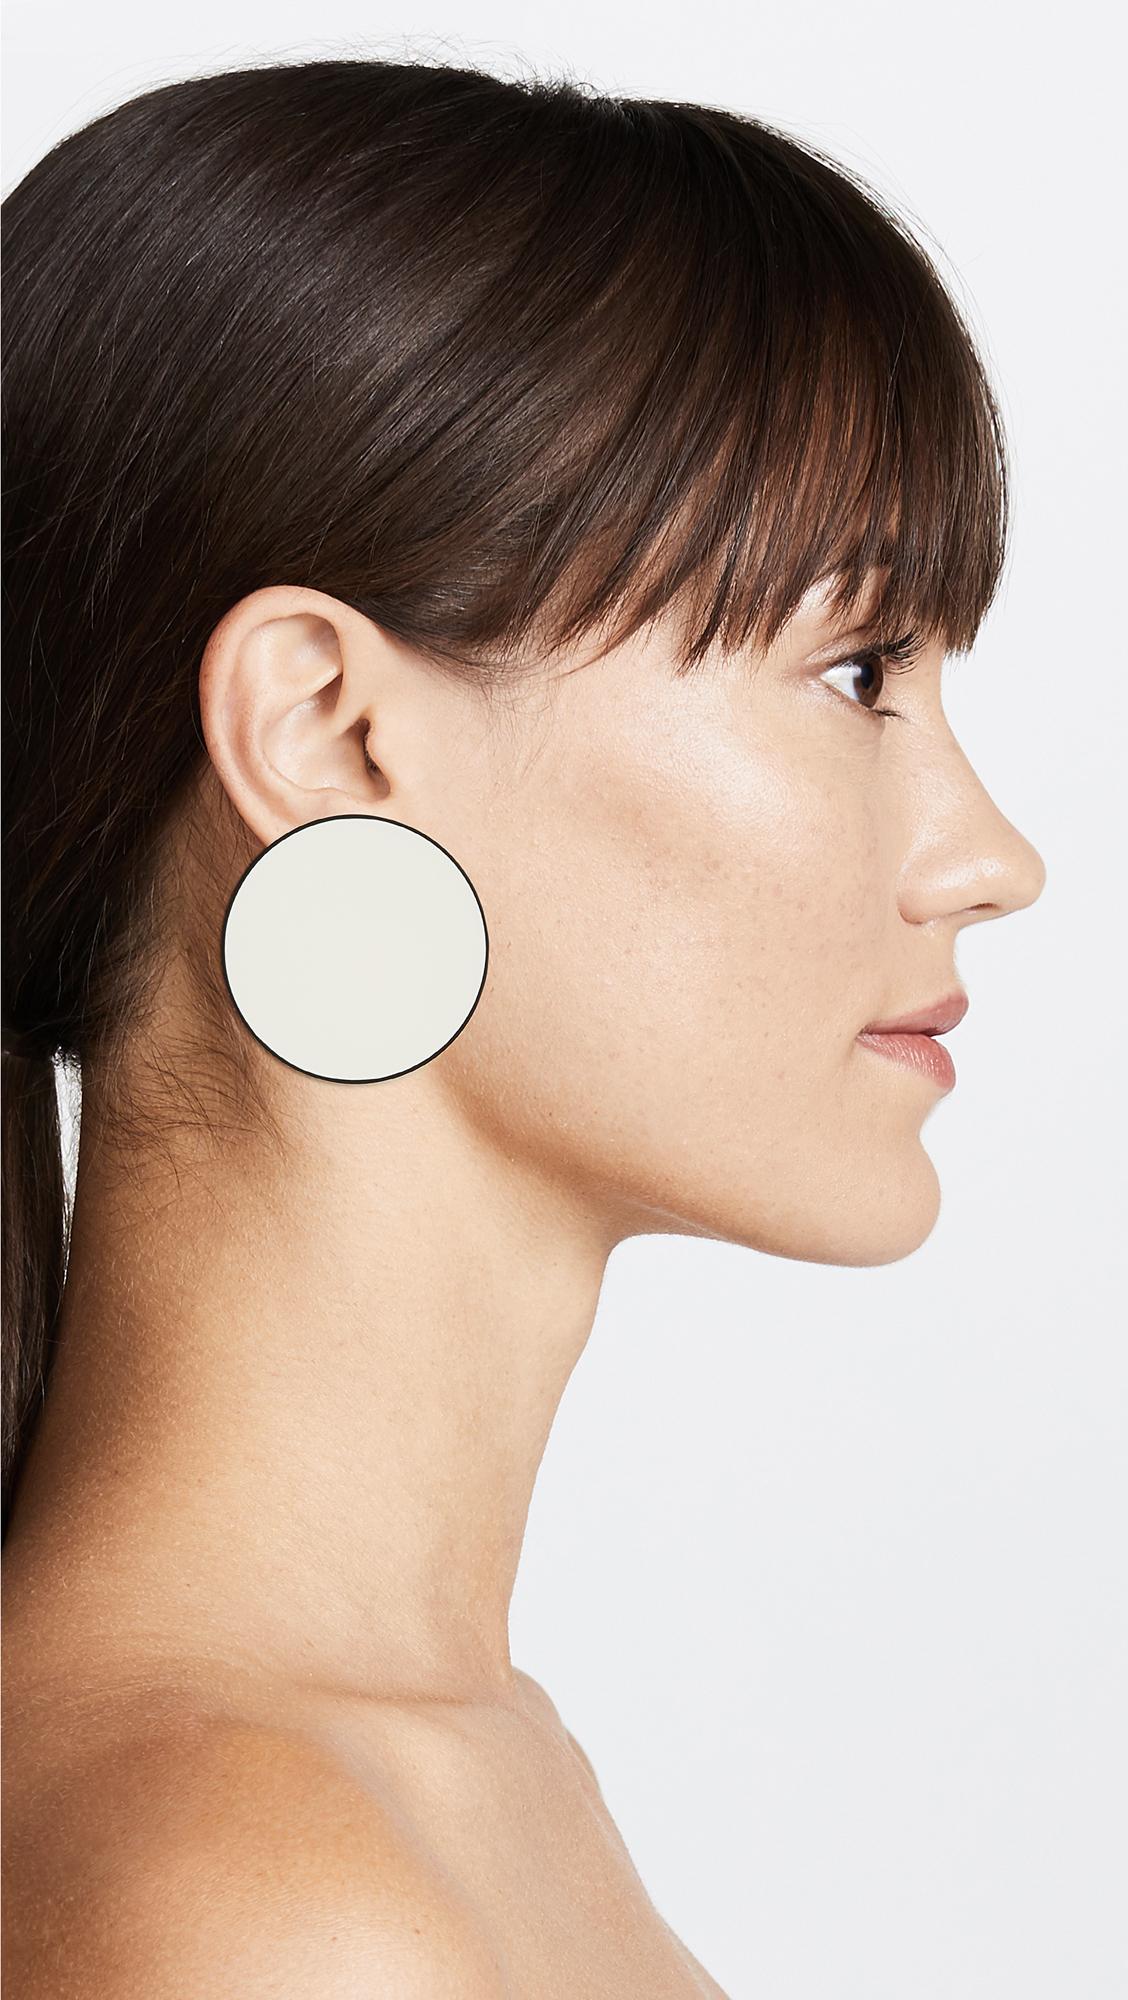 Tory Burch Enamel Disk Earrings - New Ivory/Brass